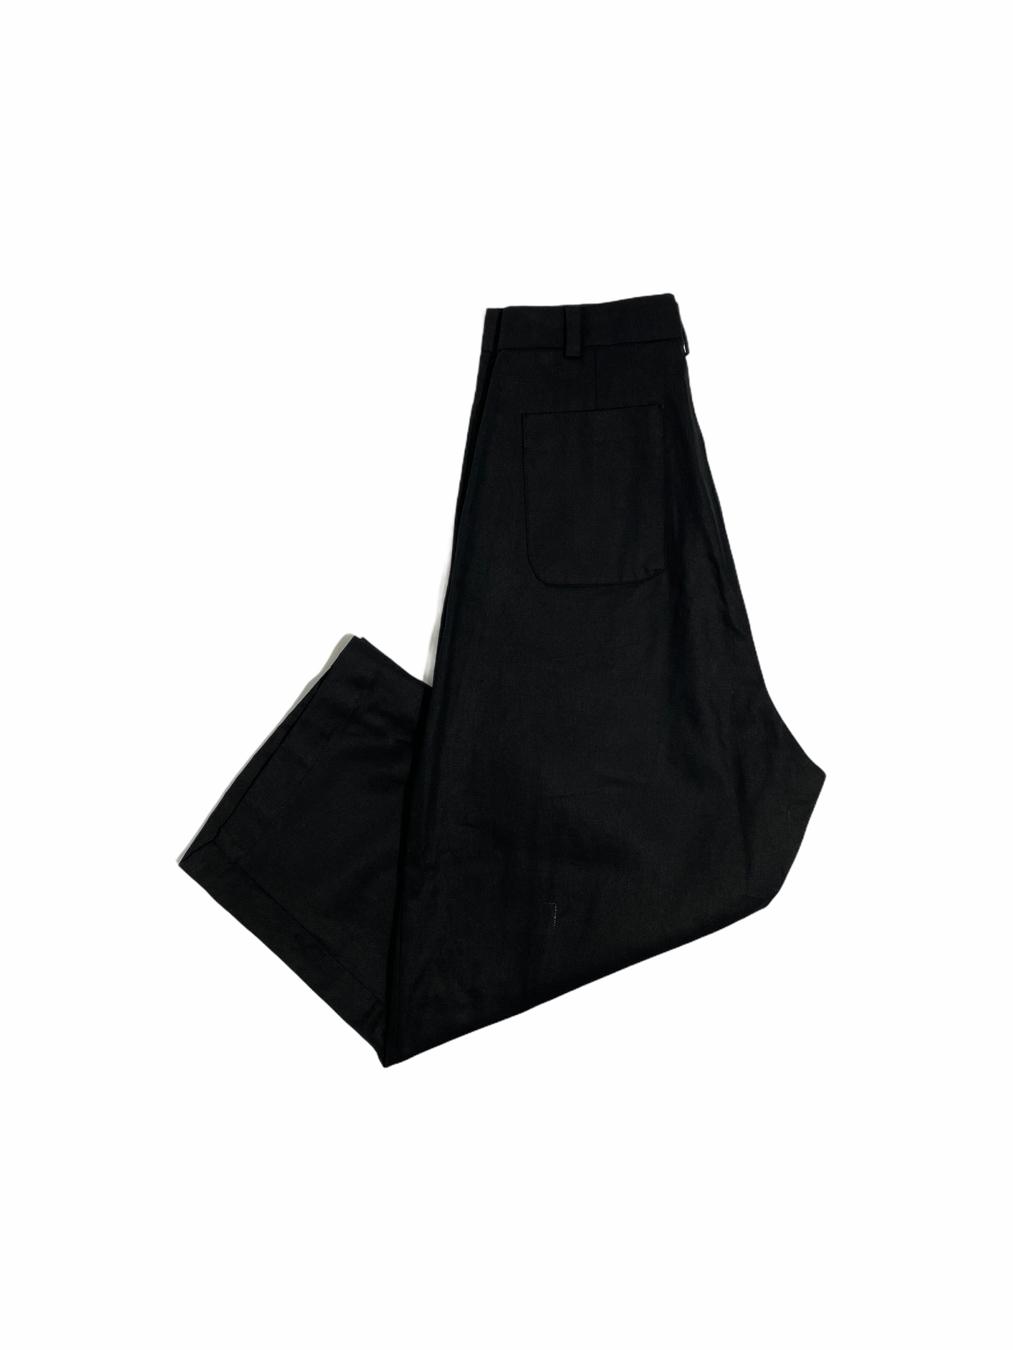 New Boys Pants